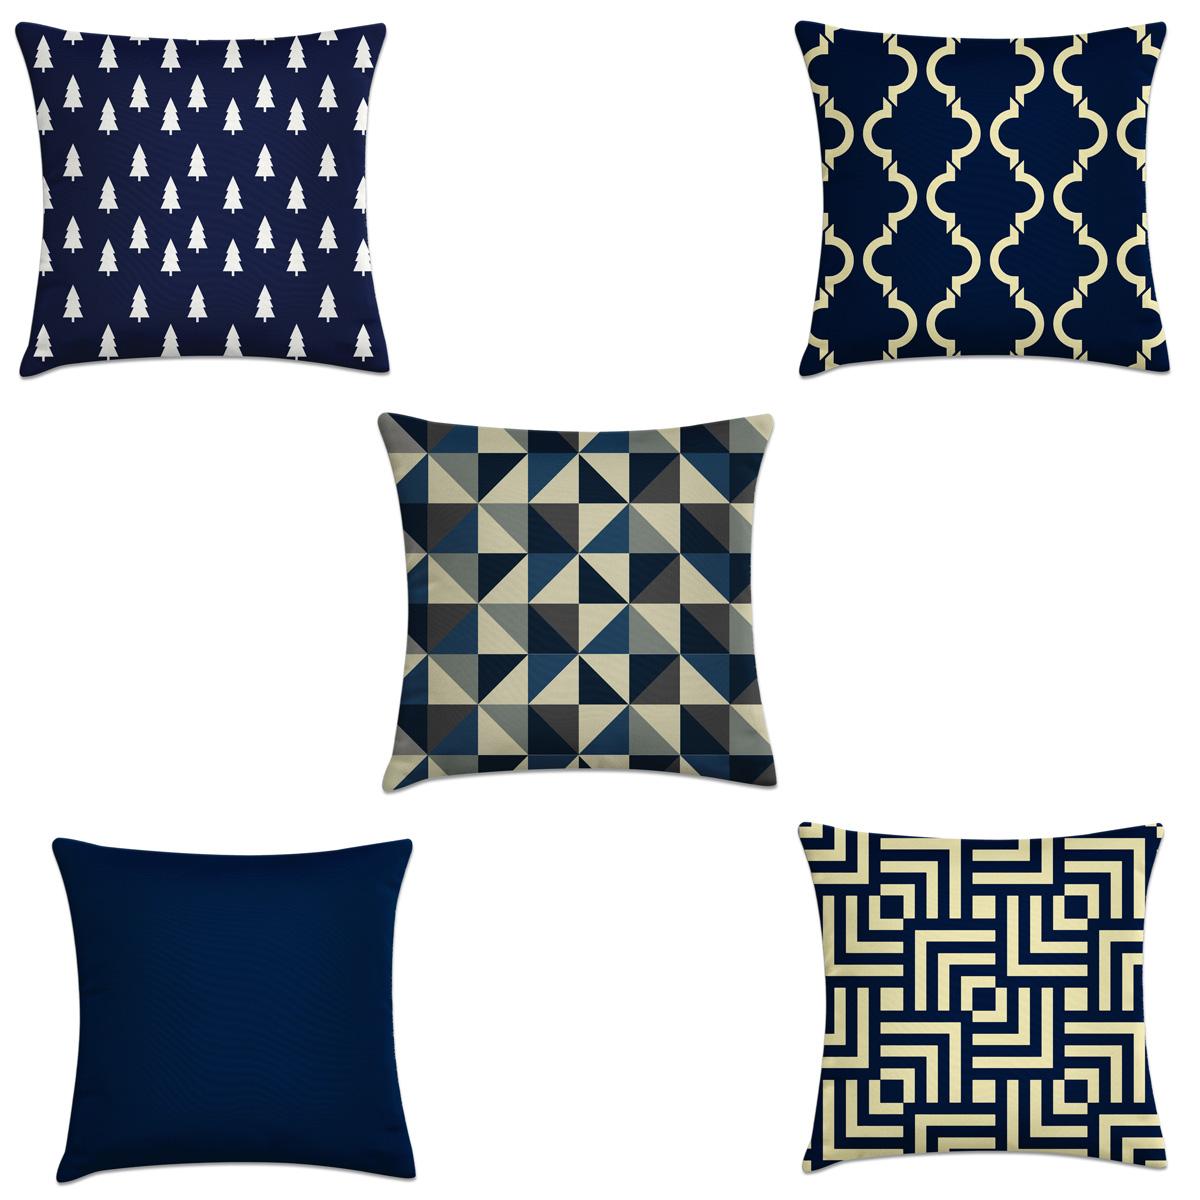 50c39a0c3 kit 5 capas almofadas geométrico bege e azul marinho – Kombigode Store